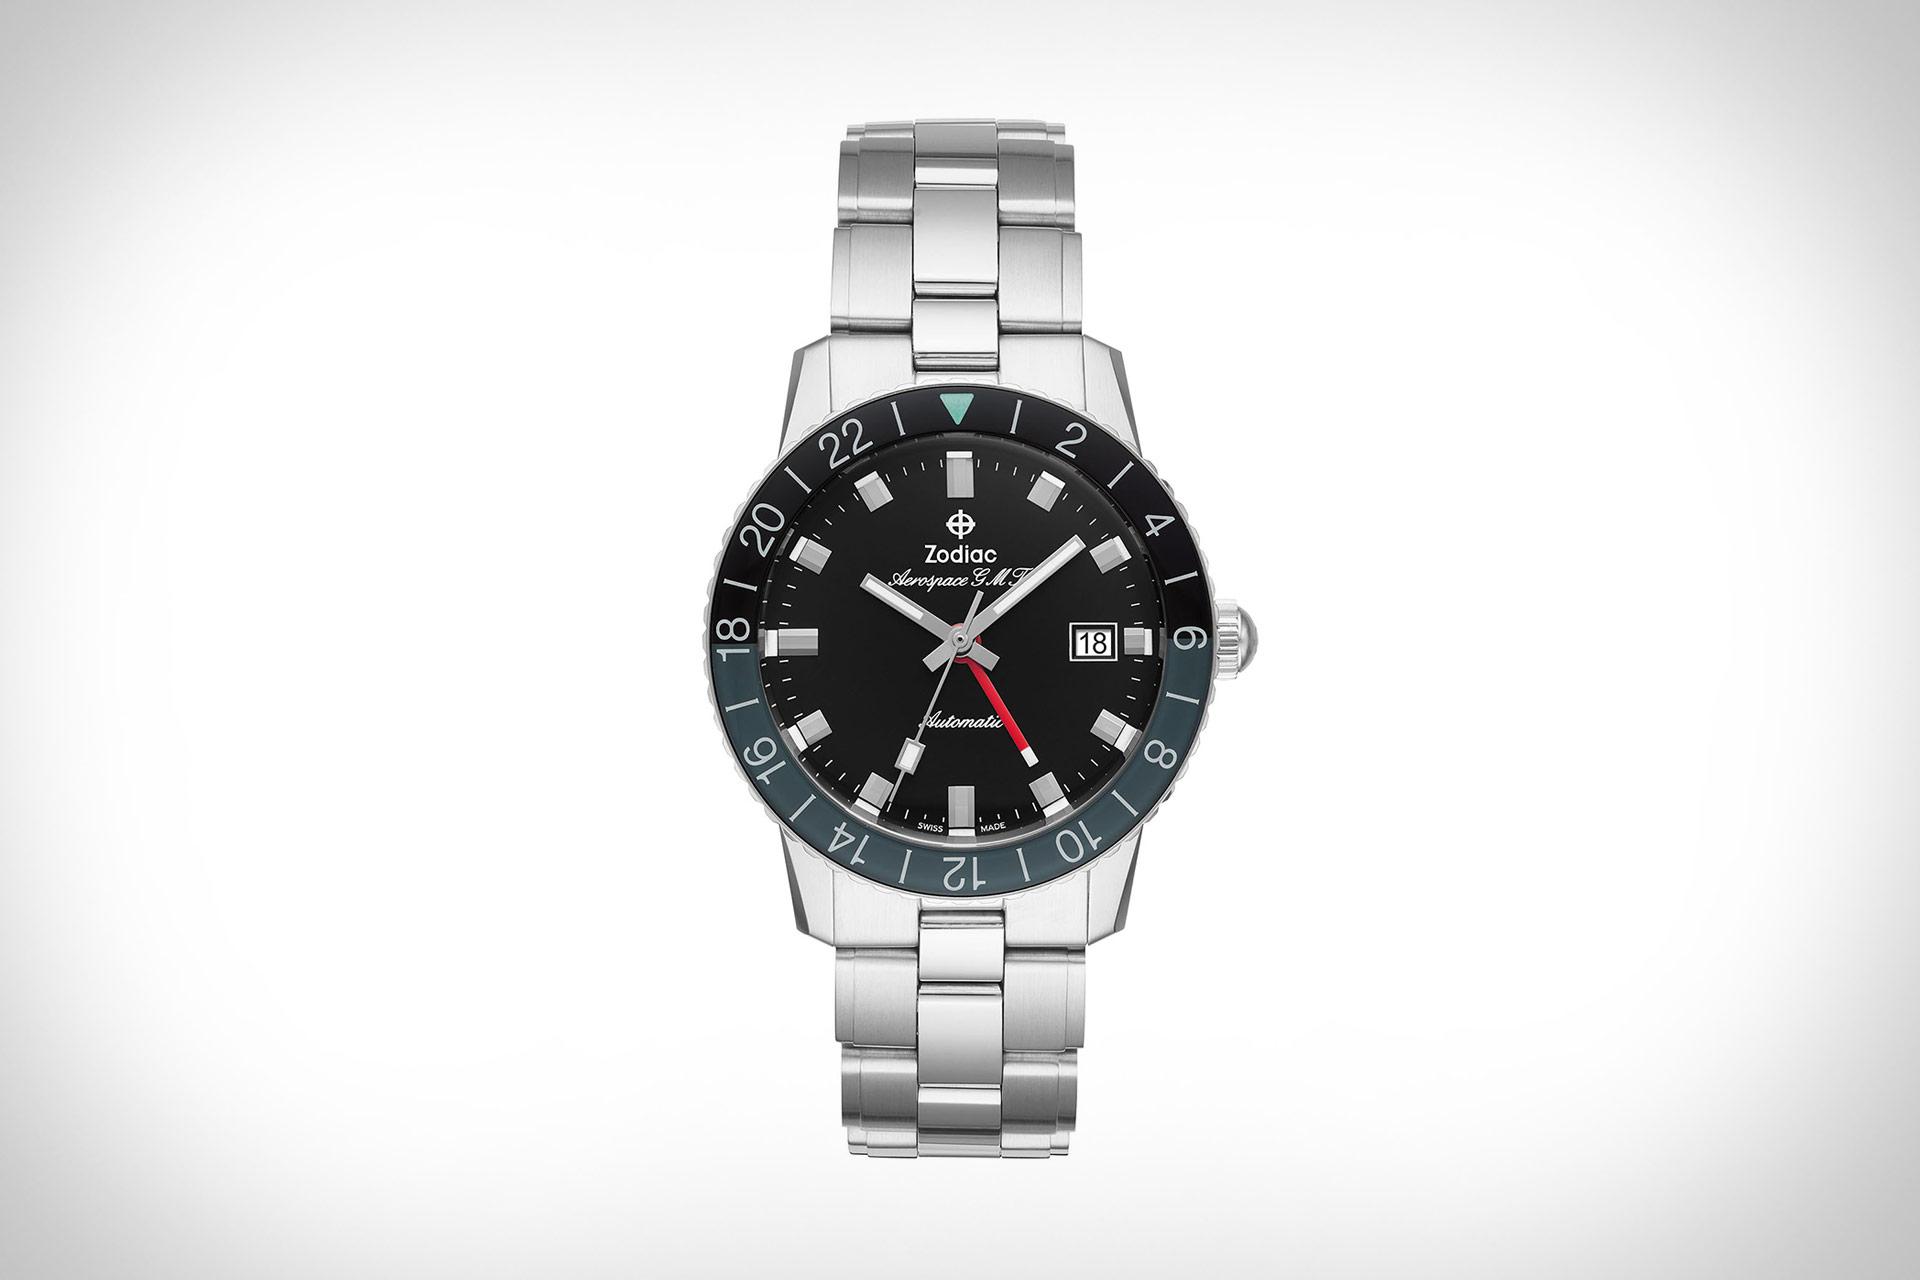 Zodiac Aerospace GMT Watch